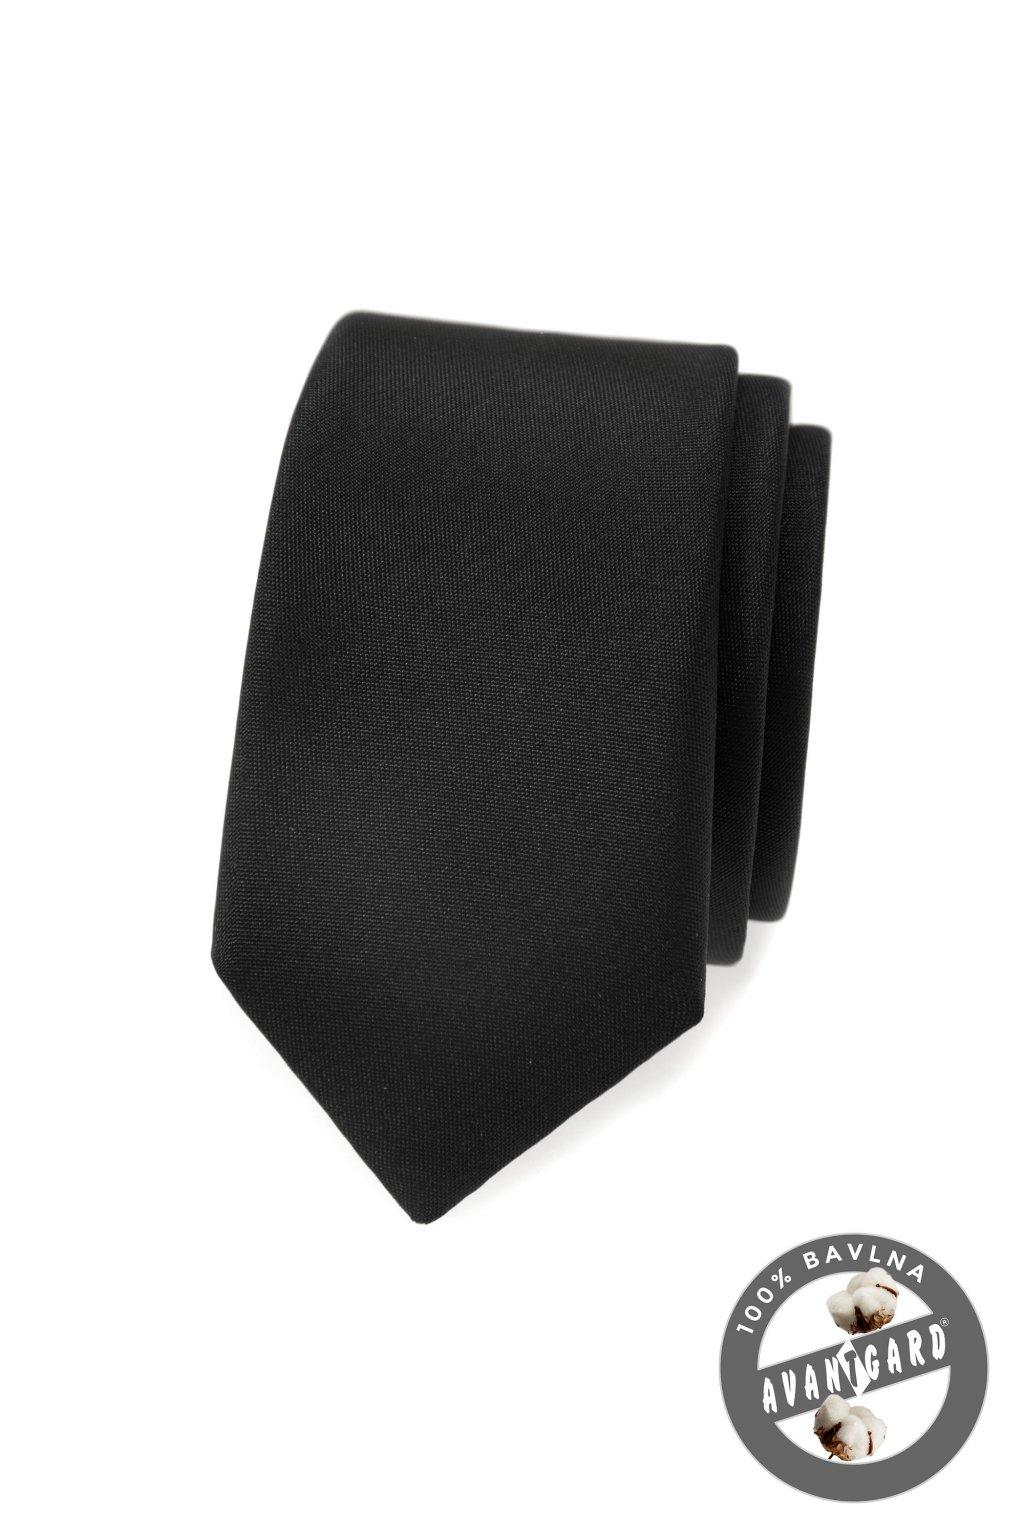 Kravata SLIM LUX černá mat 571 - 23